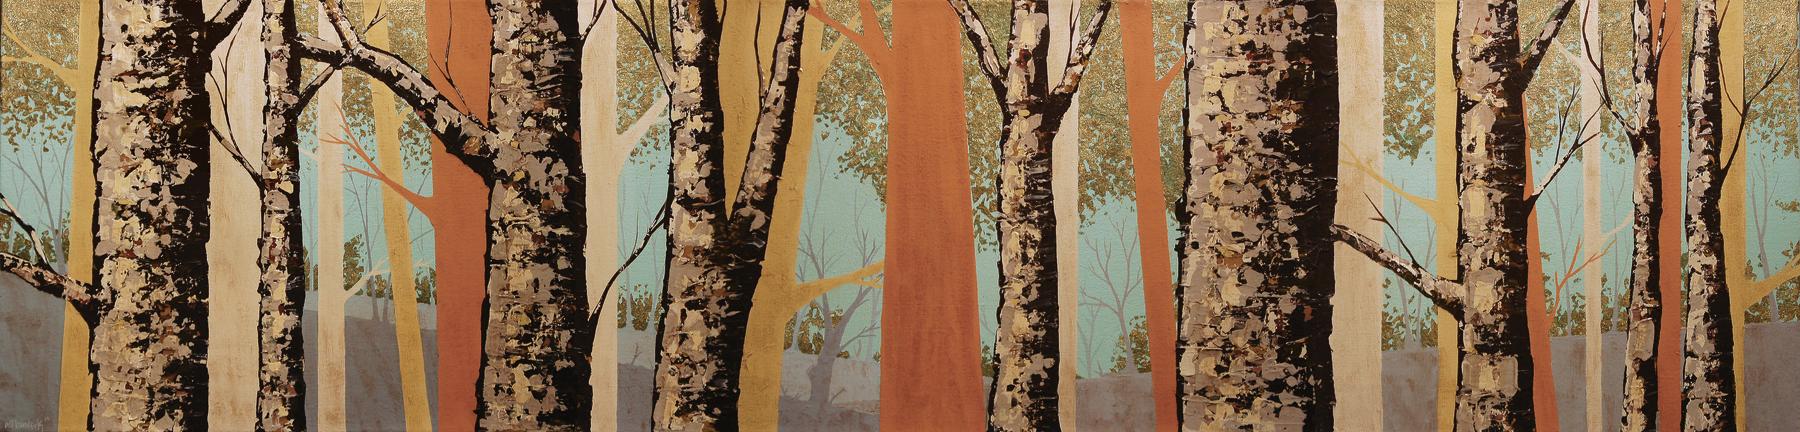 p-landeck-forest-web 2